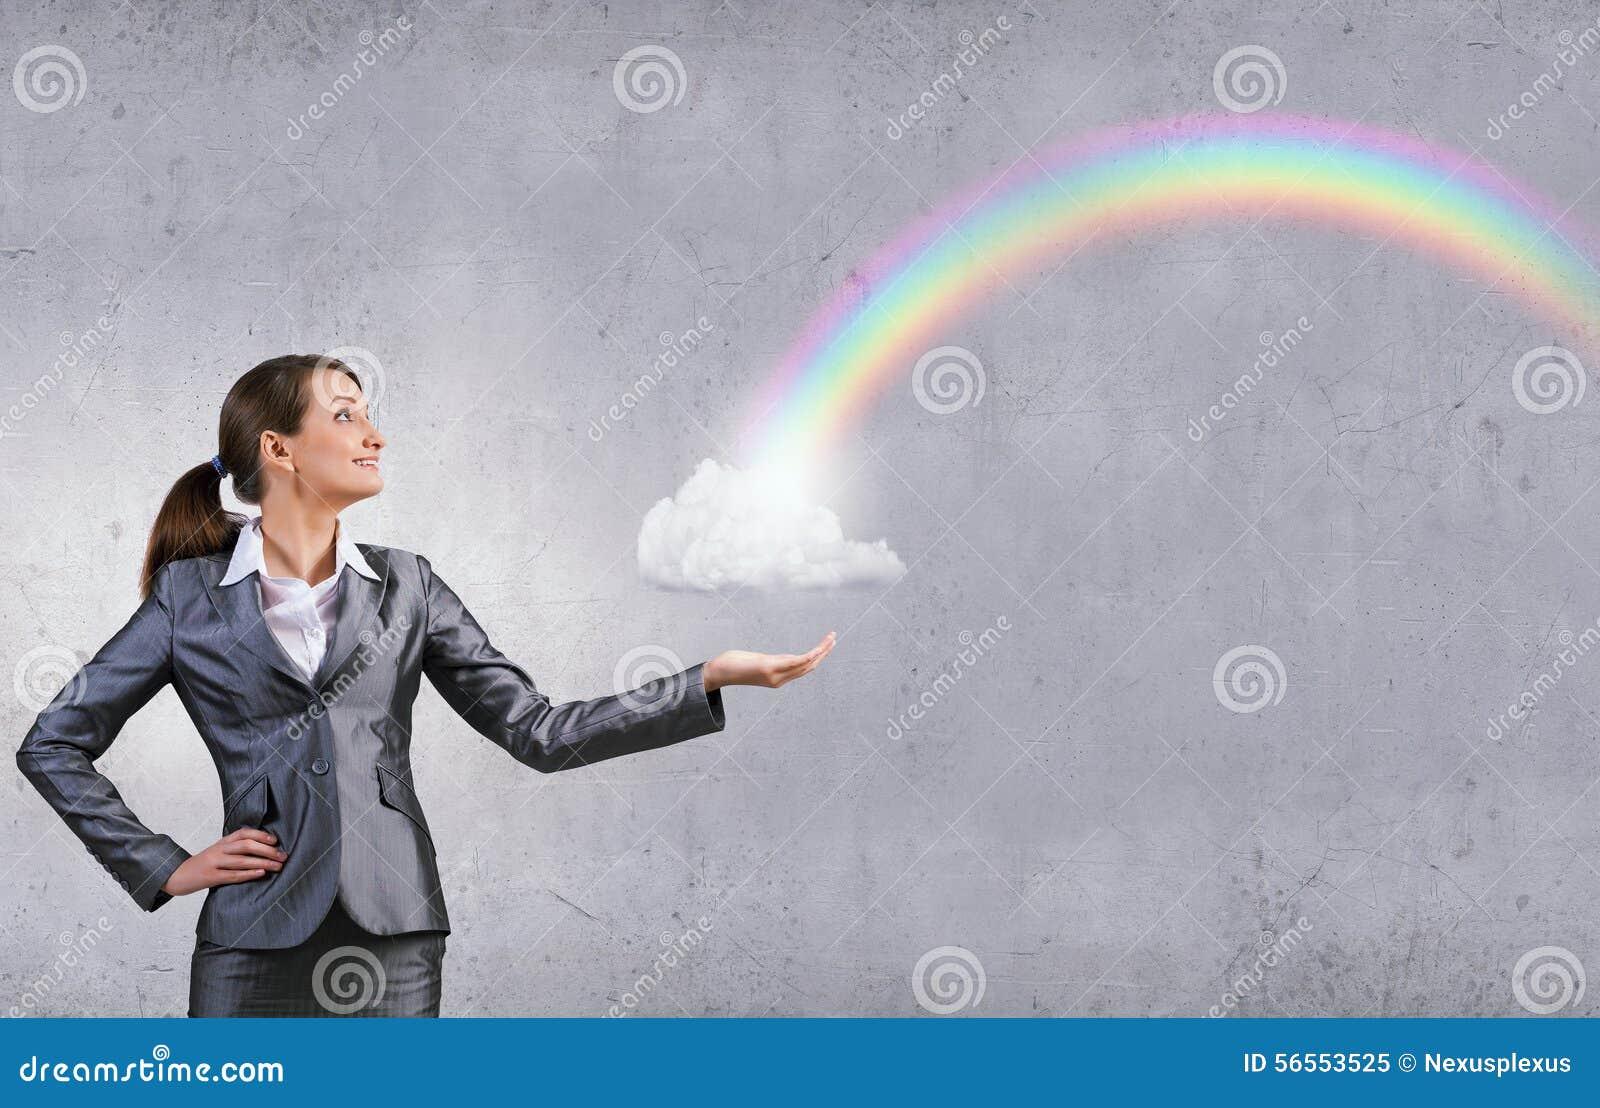 Download Σύννεφο λαβής γυναικών στοκ εικόνα. εικόνα από καυκάσιος - 56553525